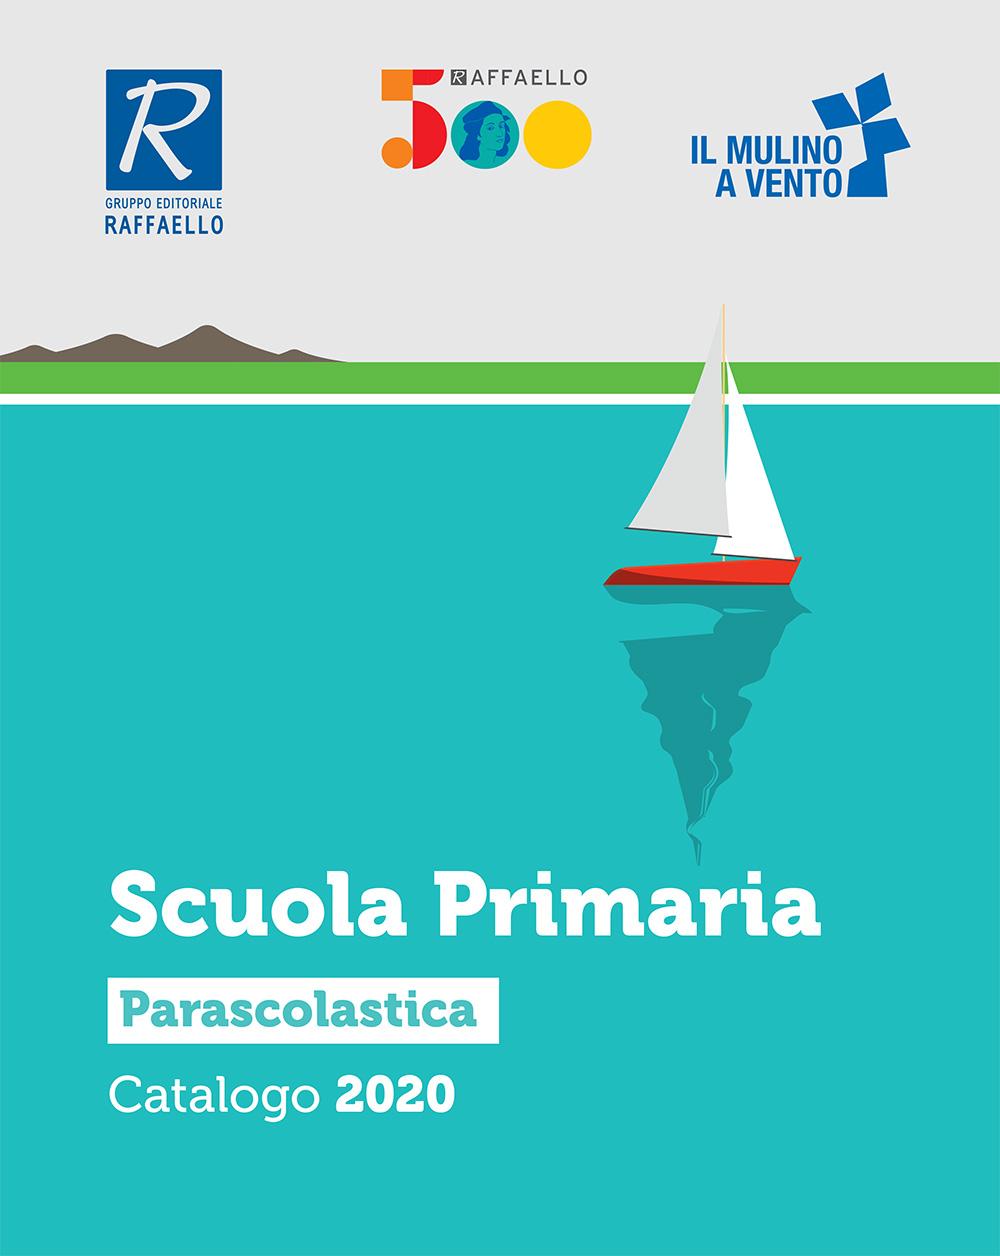 Scuola Primaria Parascolastica 2020